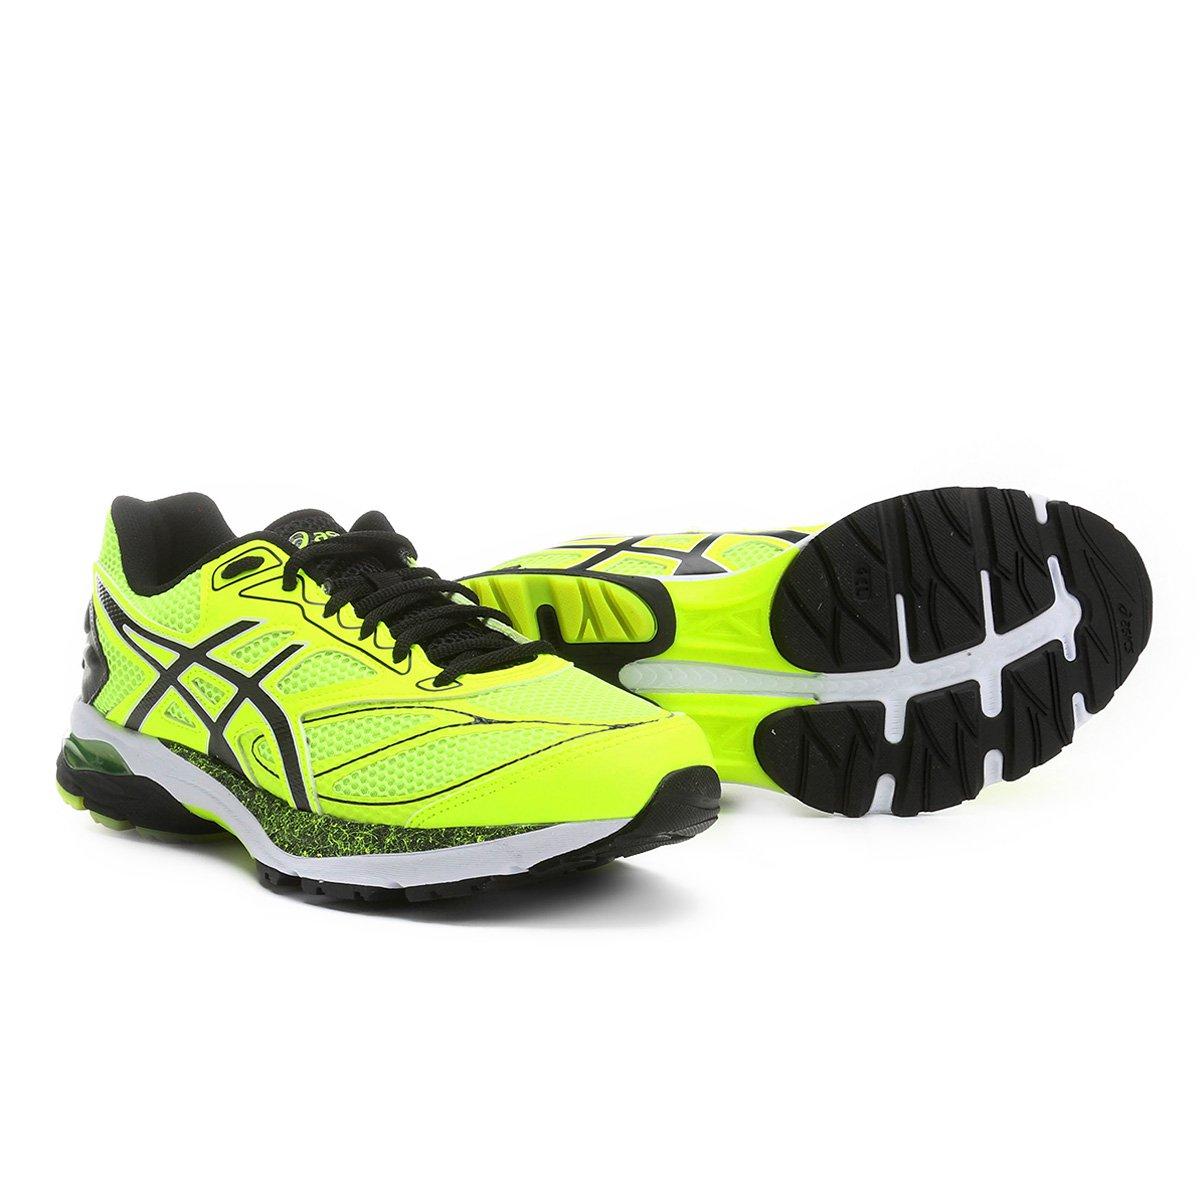 e843967718f2f Tênis Asics Gel Pulse 8 A Masculino - Verde Limão e Preto - Compre Agora